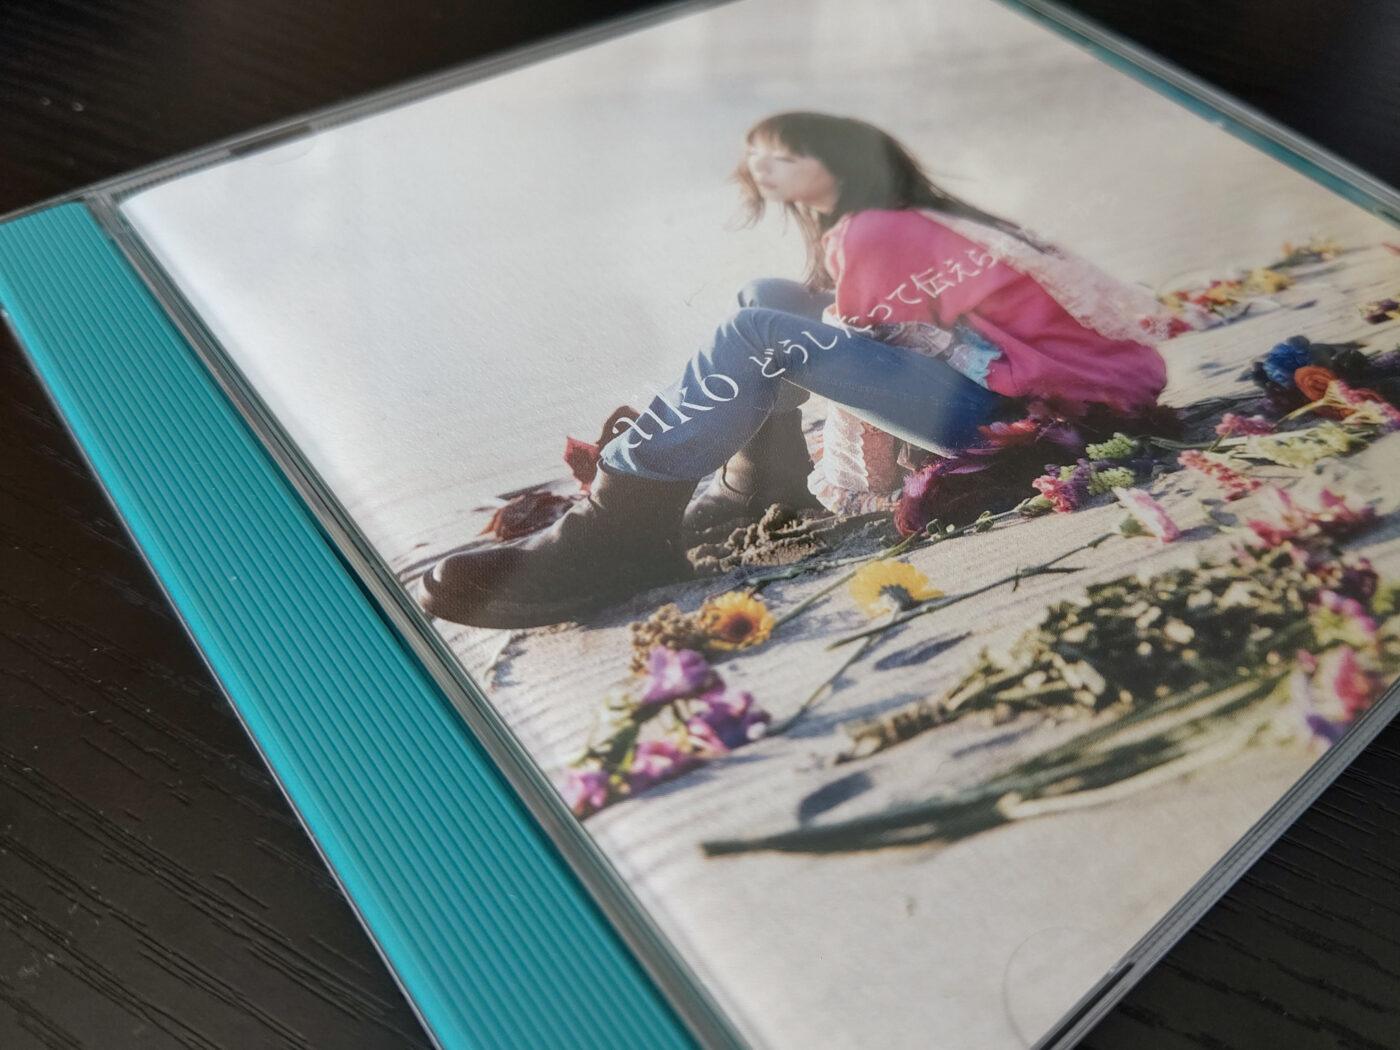 aikoさん14枚目のアルバム「どうしたって伝えられないから」ジャケット写真